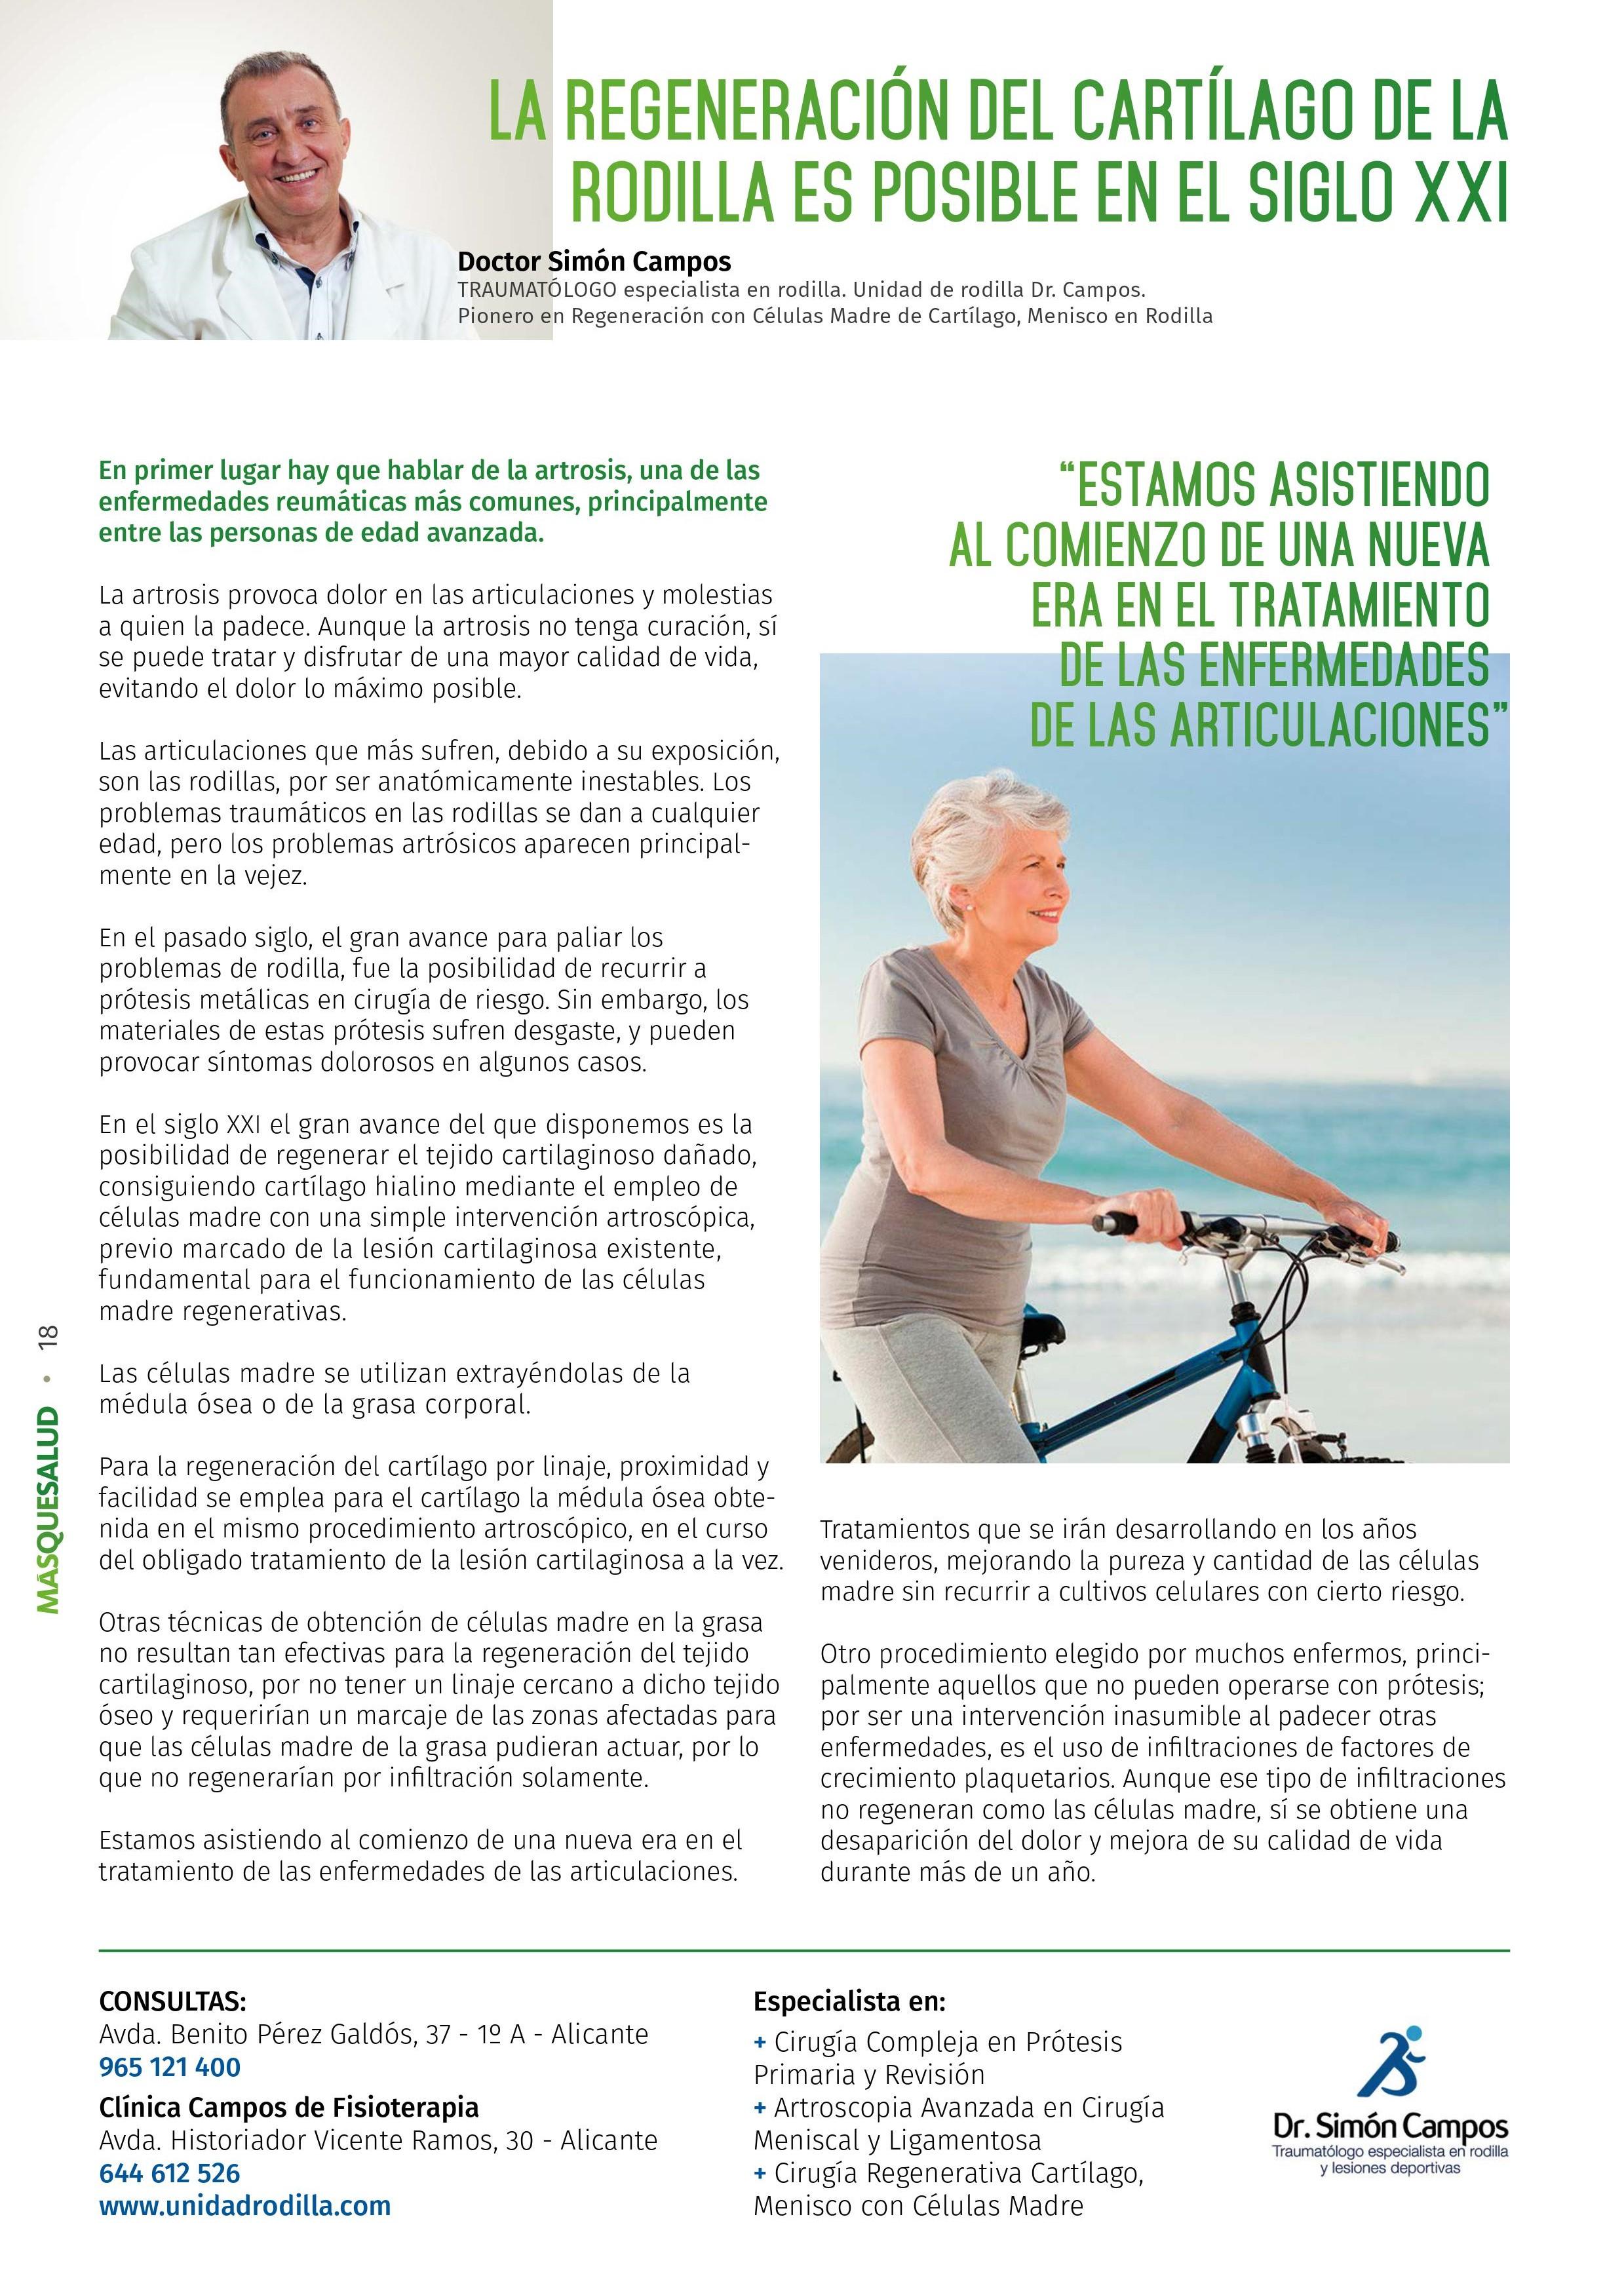 la regeneración del cartílago de la rodilla es posible en el siglo